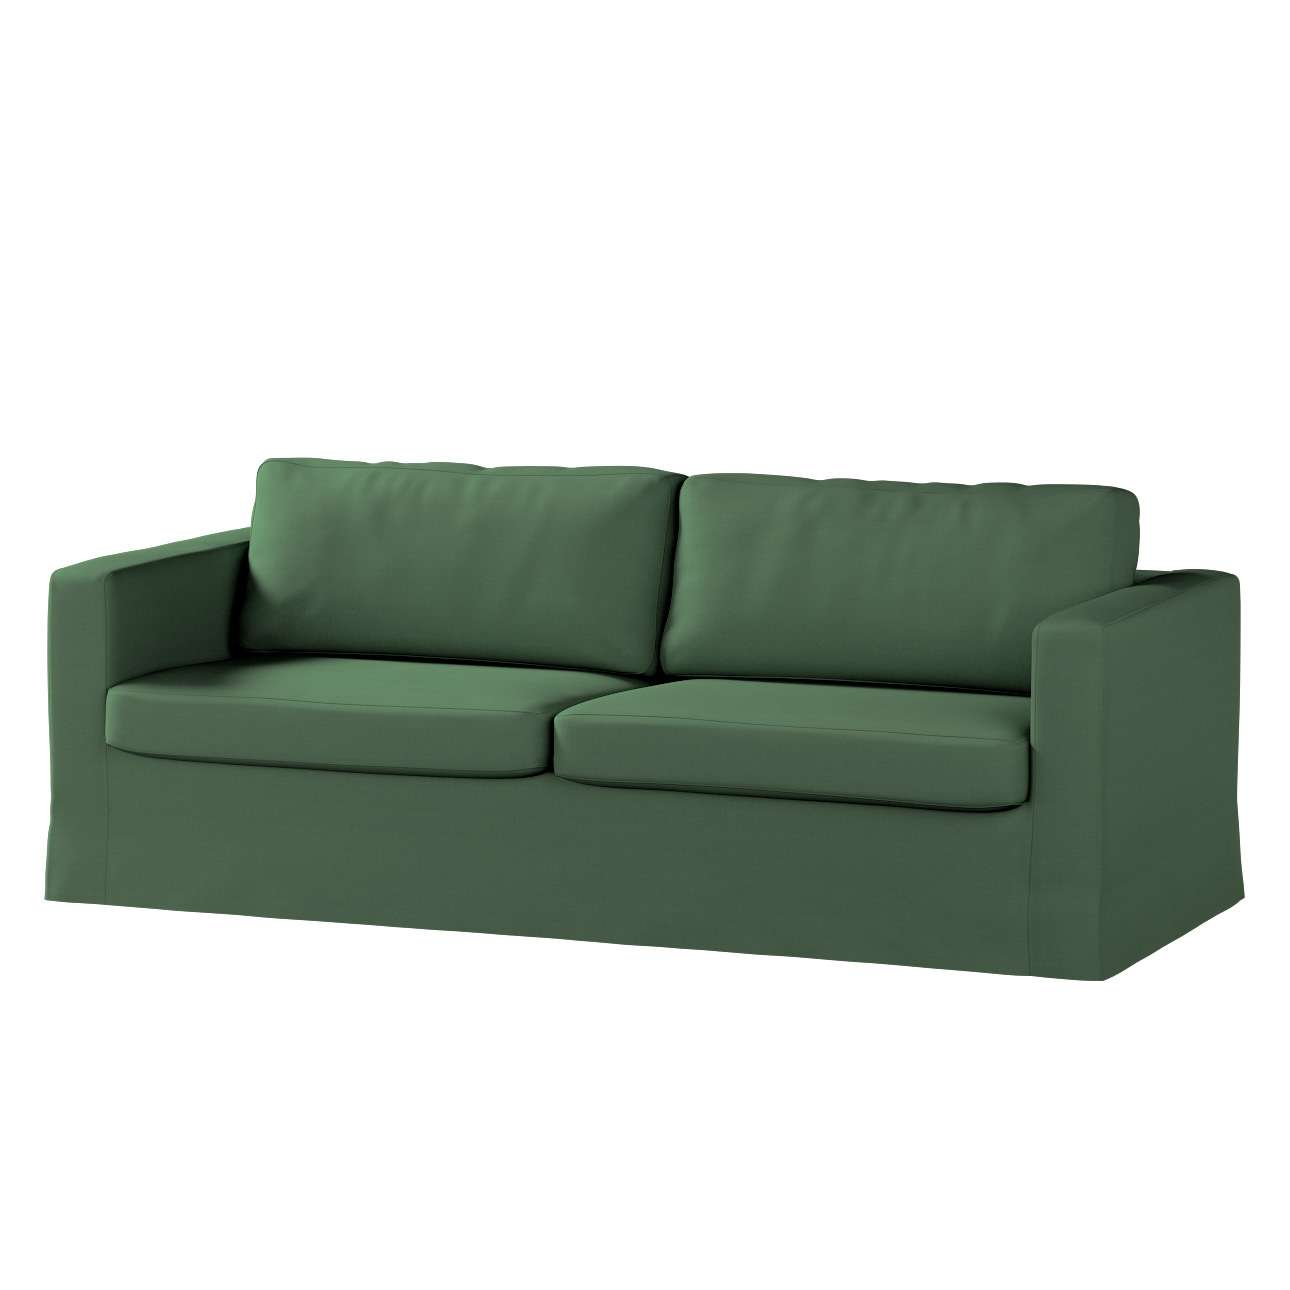 Karlstad trivietės sofos užvalkalas (ilgas, iki žemės) Karlstad trivietės sofos užvalkalas (ilgas, iki žemės) kolekcijoje Cotton Panama, audinys: 702-06